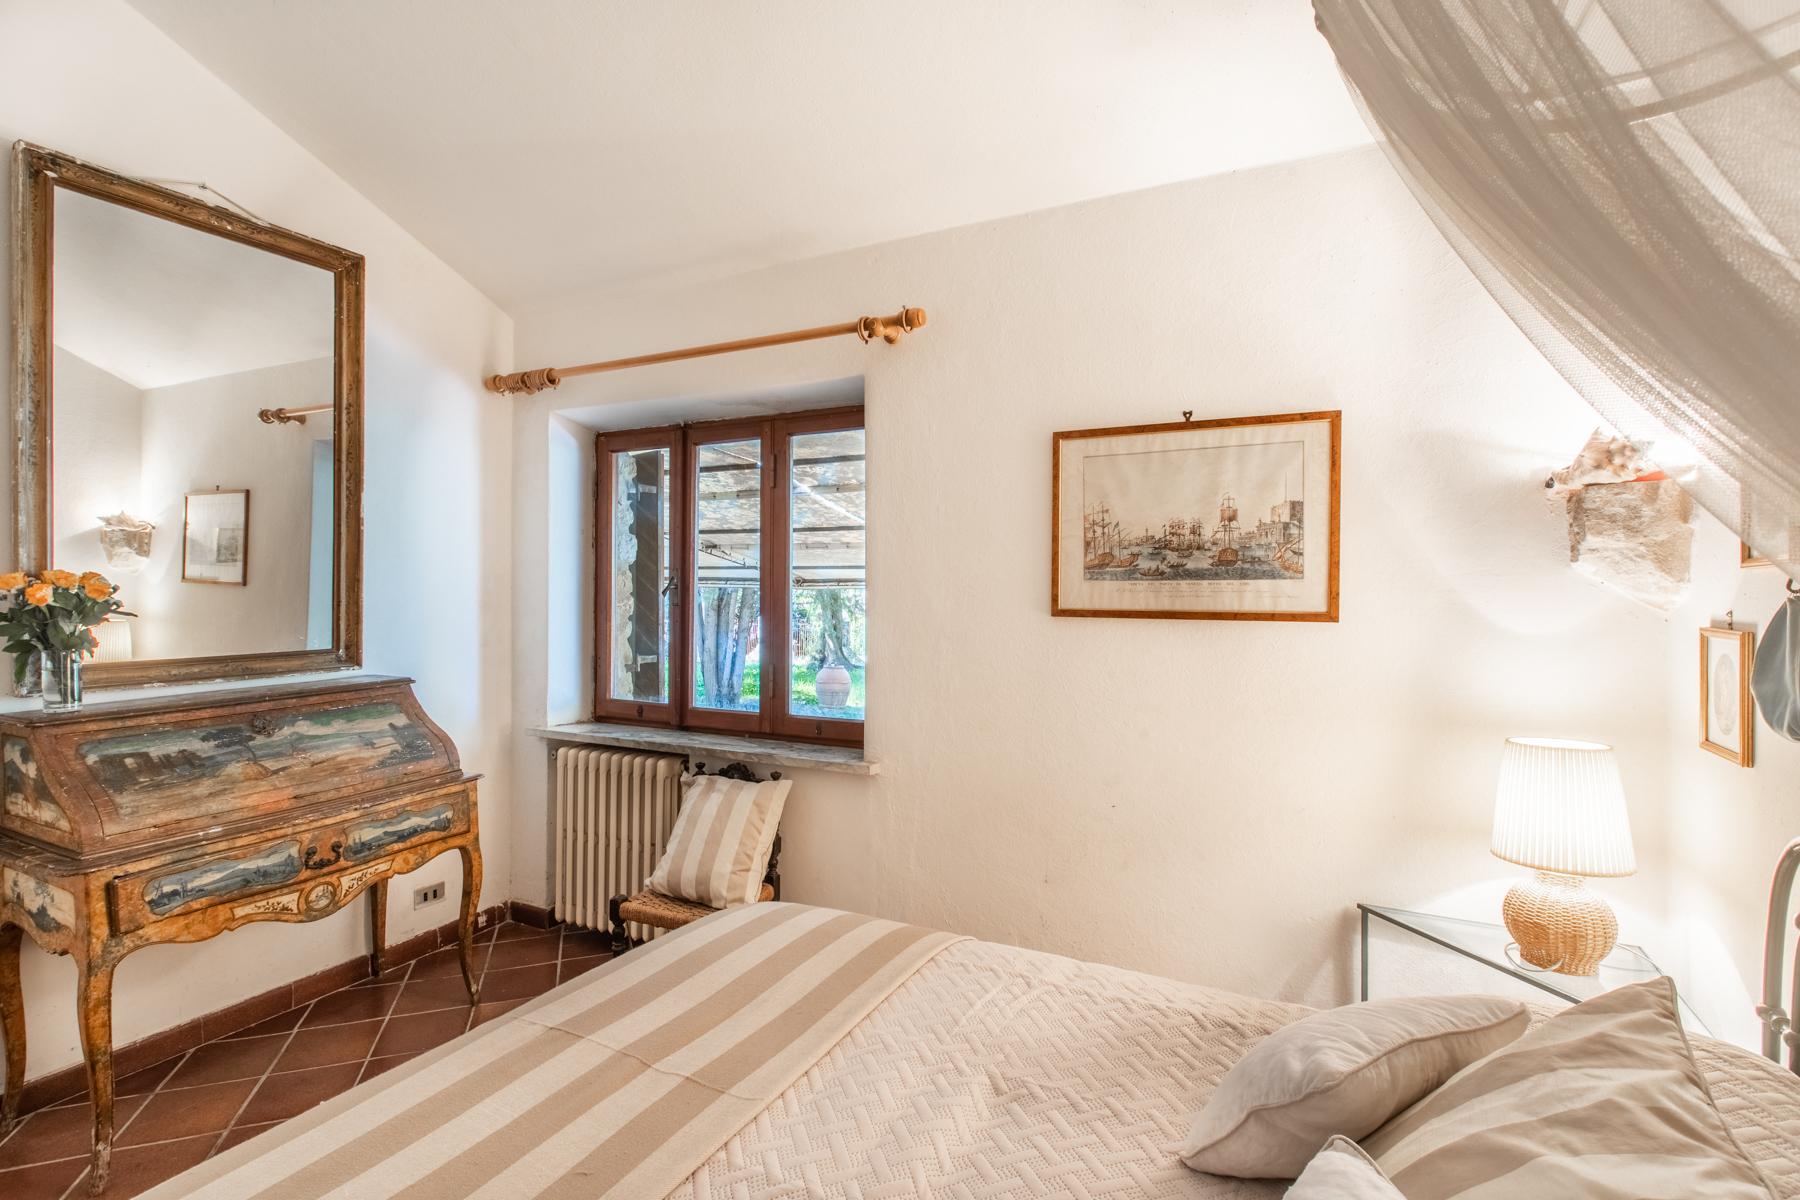 Villa in Vendita a Orbetello: 5 locali, 240 mq - Foto 22